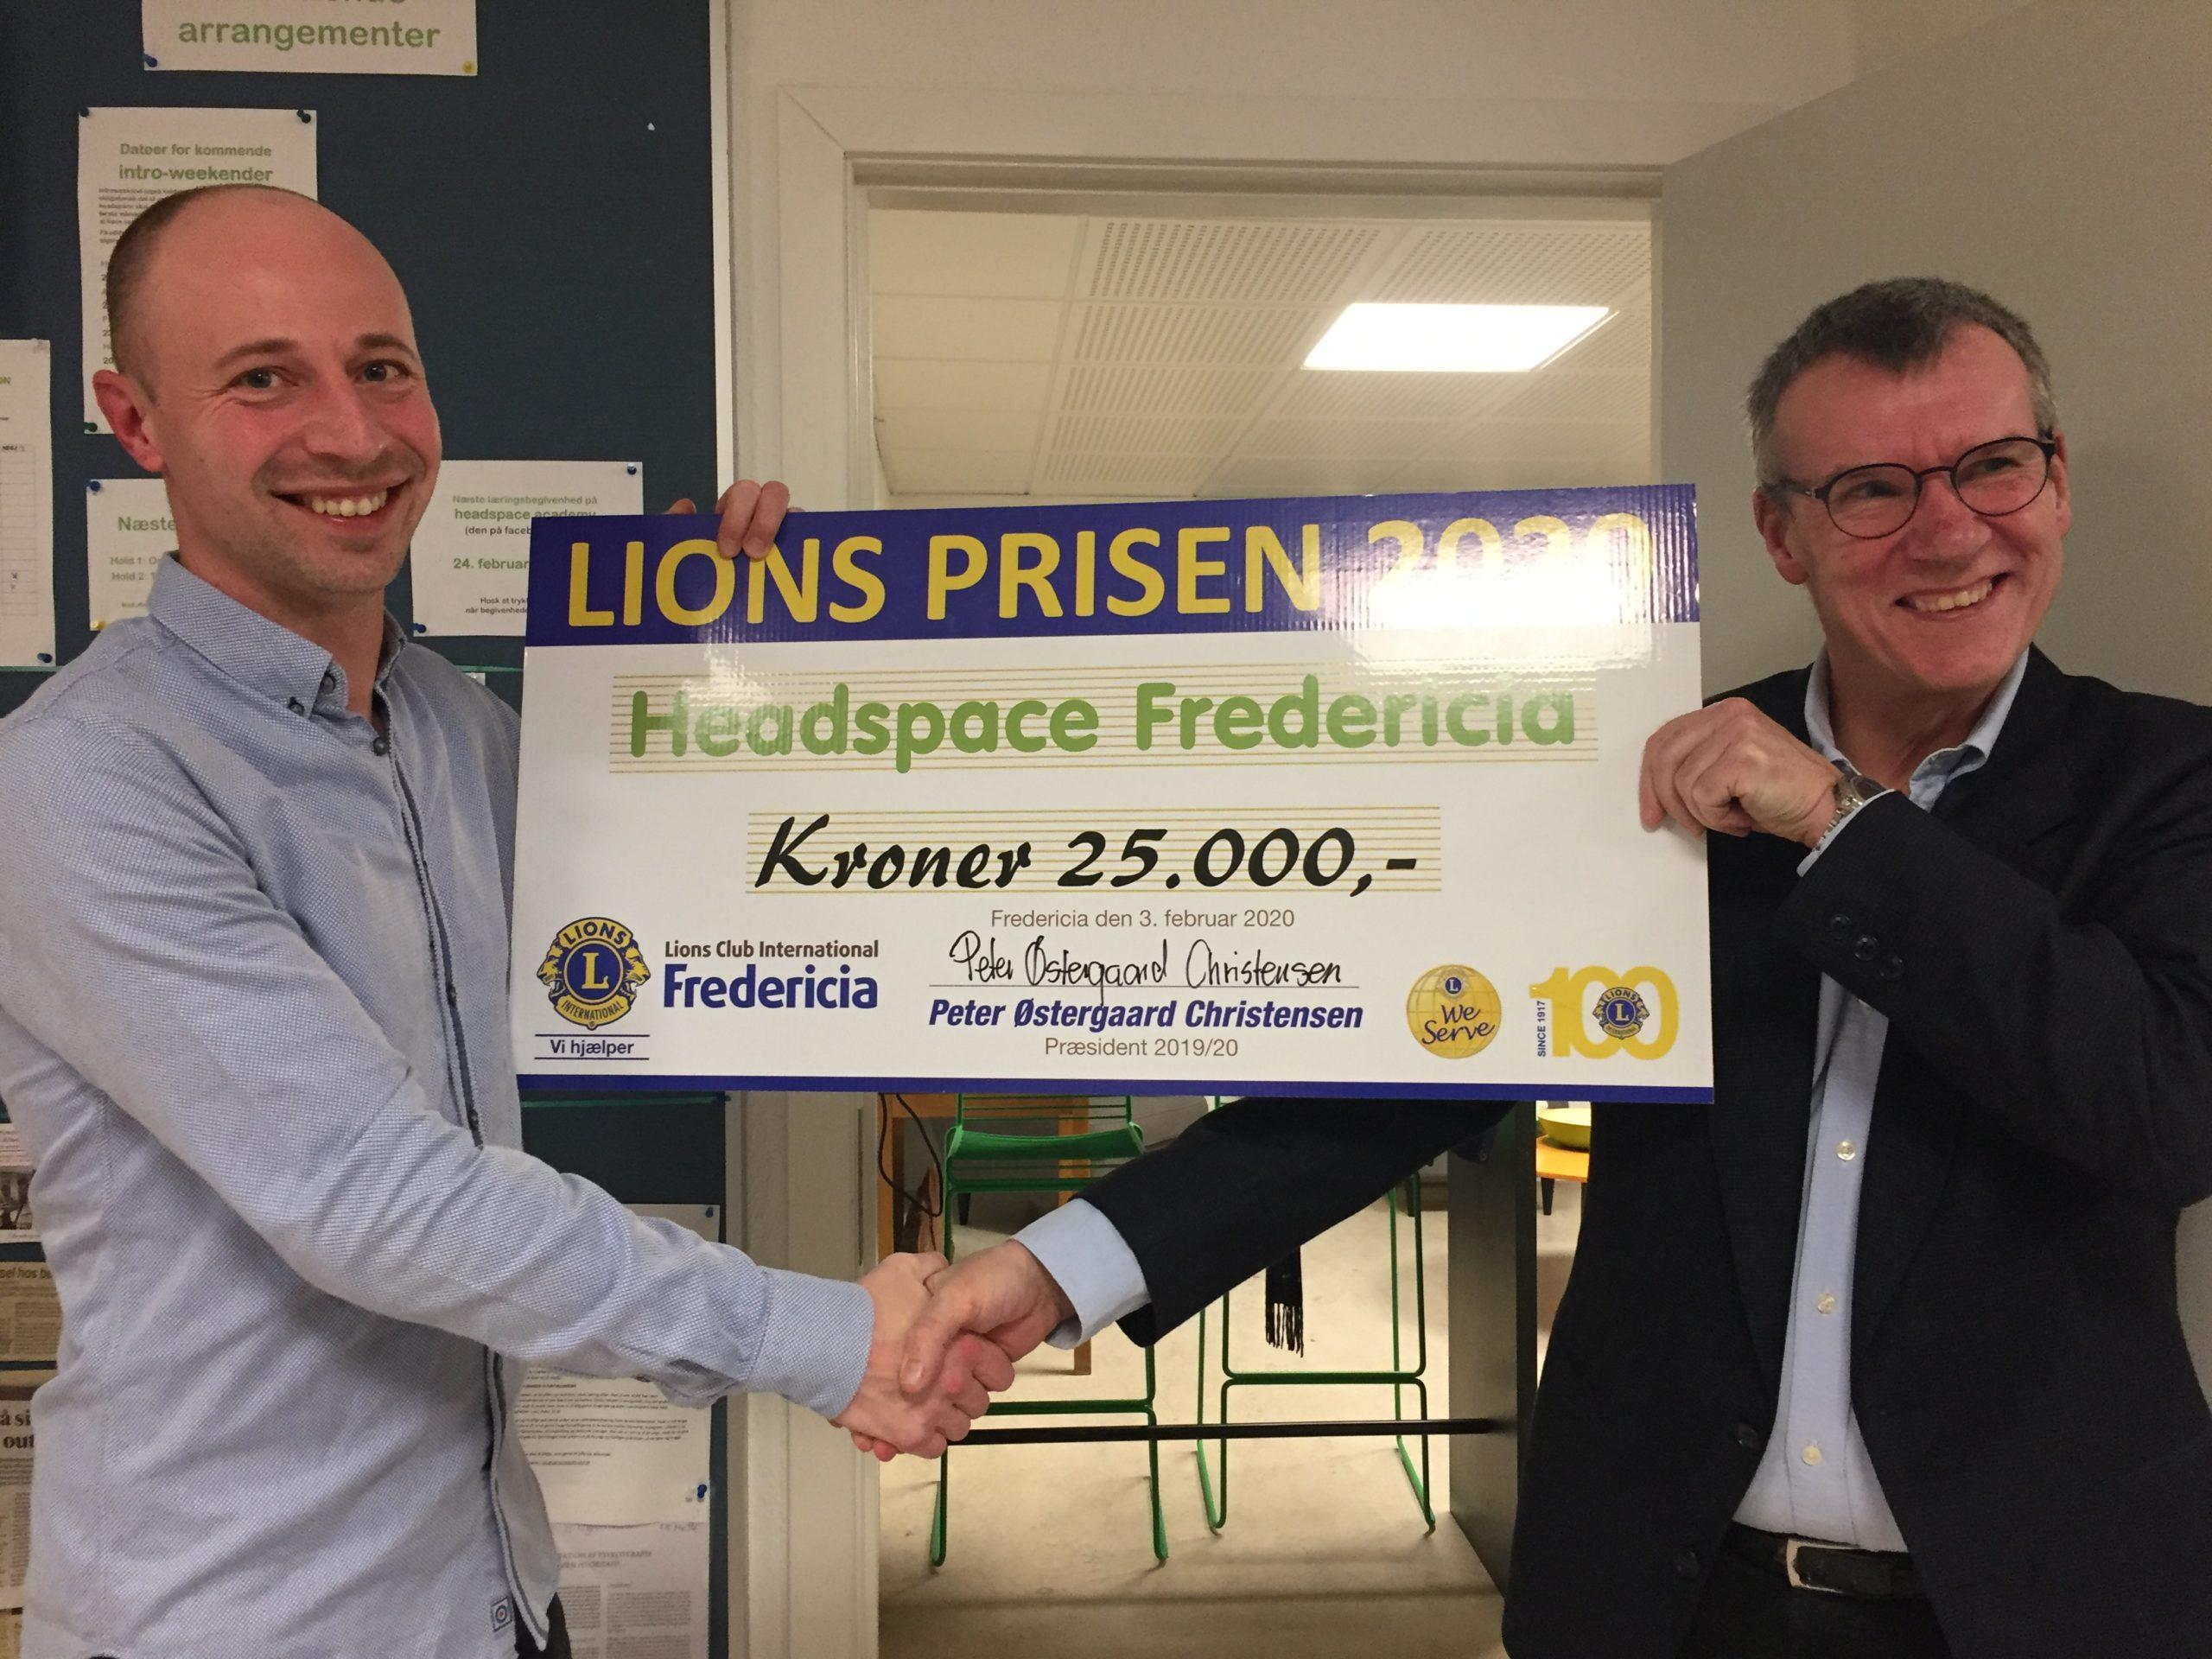 Headspace fik pris – Lions havde en check på 25.000 kroner med